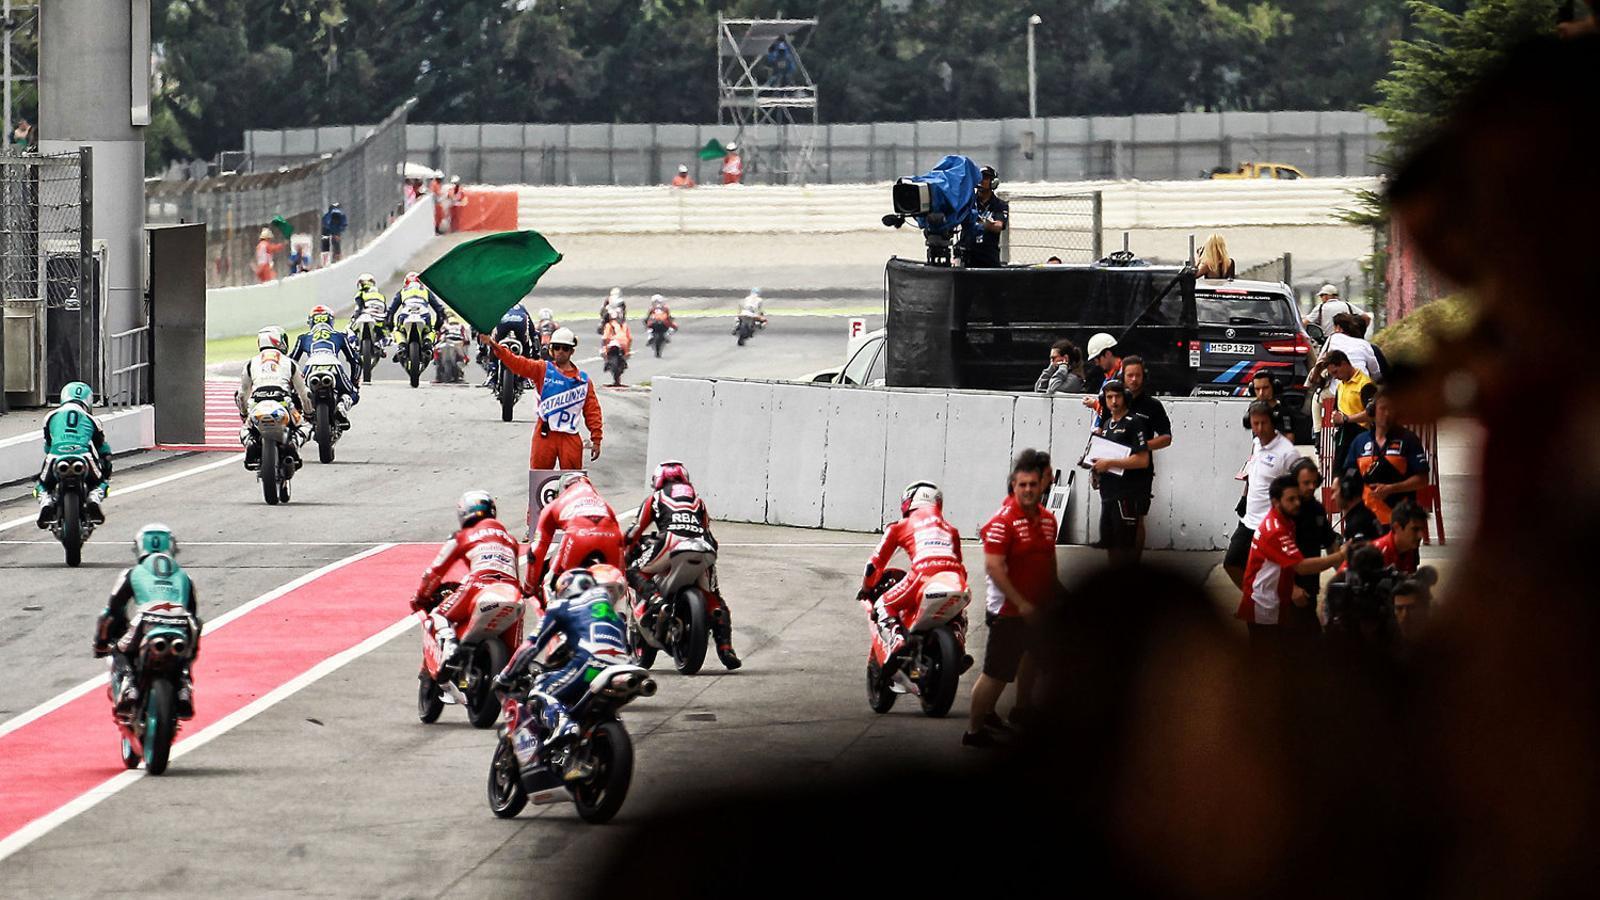 Els pilots de Moto3 abans d'una cursa disputada fa un parell d'anys al Circuit de Barcelona-Catalunya.